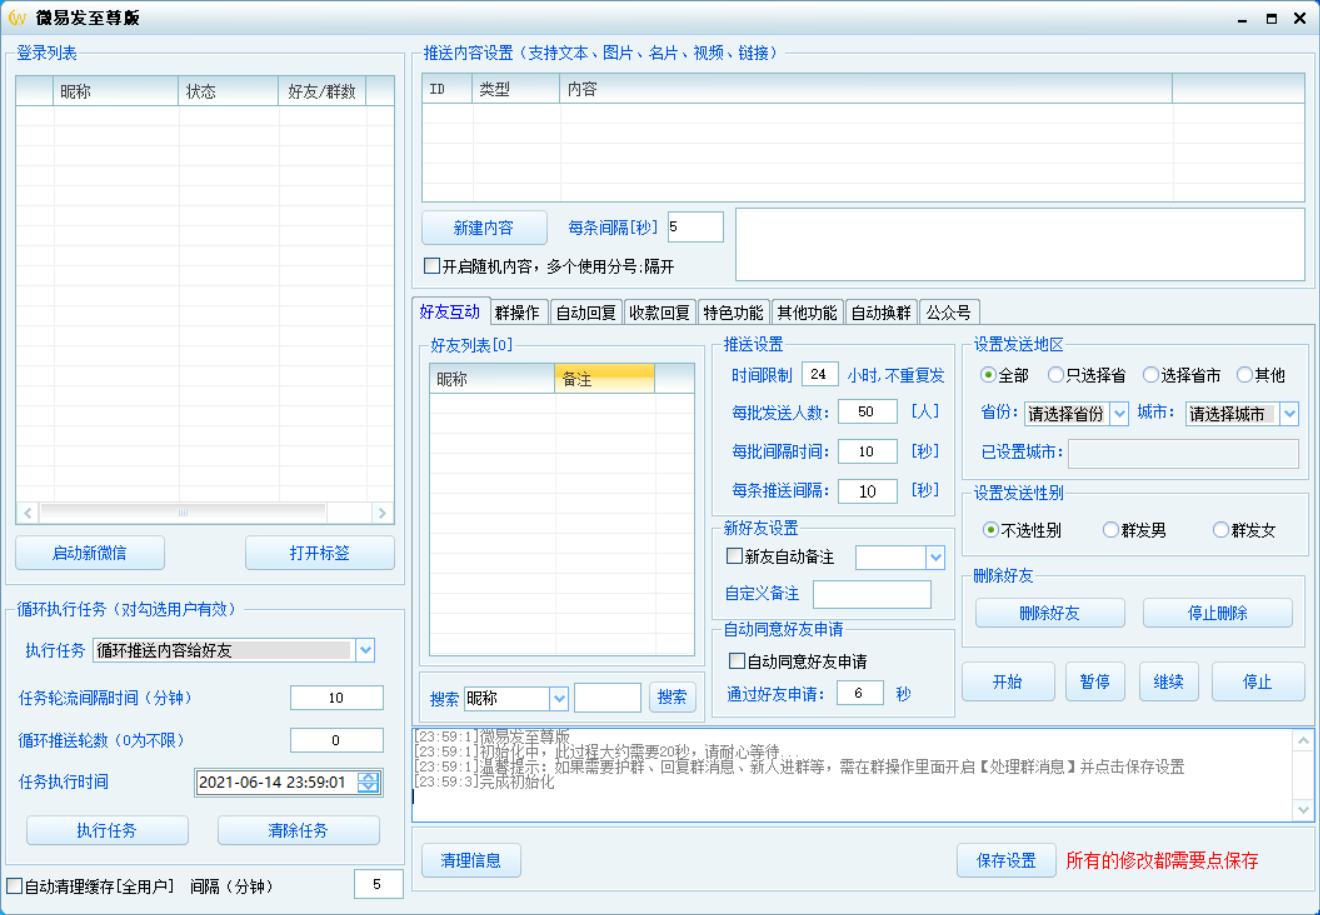 微易发至尊版支持微版本V3.2.1.54 =护群+新人进群+一键退群+拉人进群+换群+自动回复